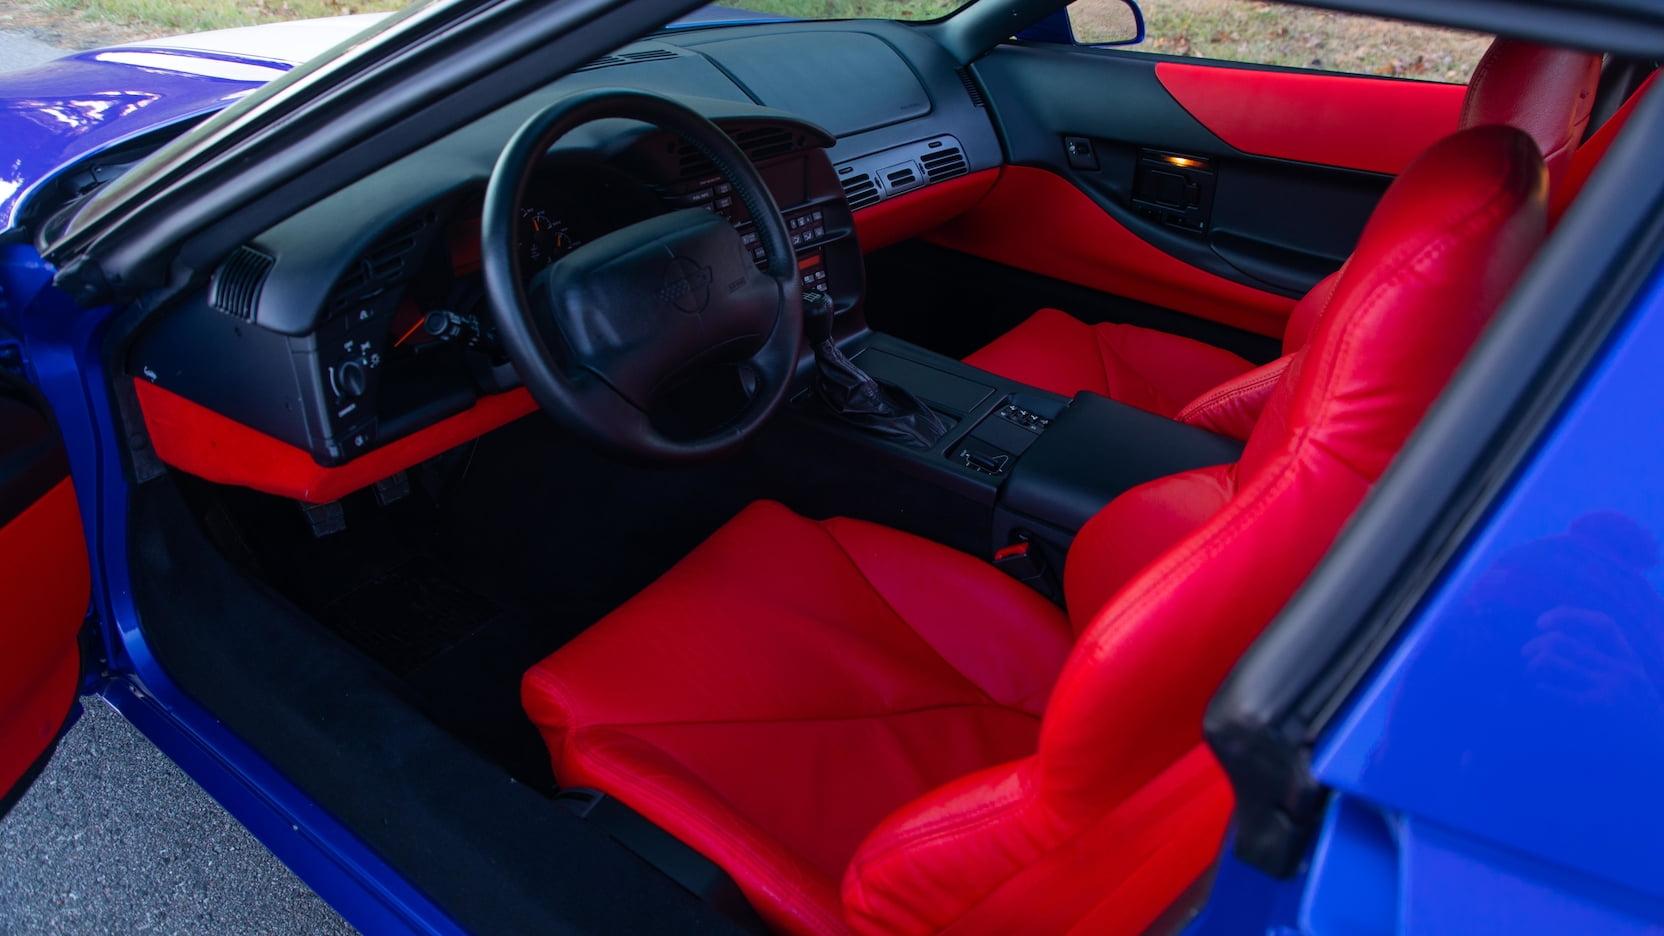 1996 Chevrolet Corvette Grand Sport Coupe Interior